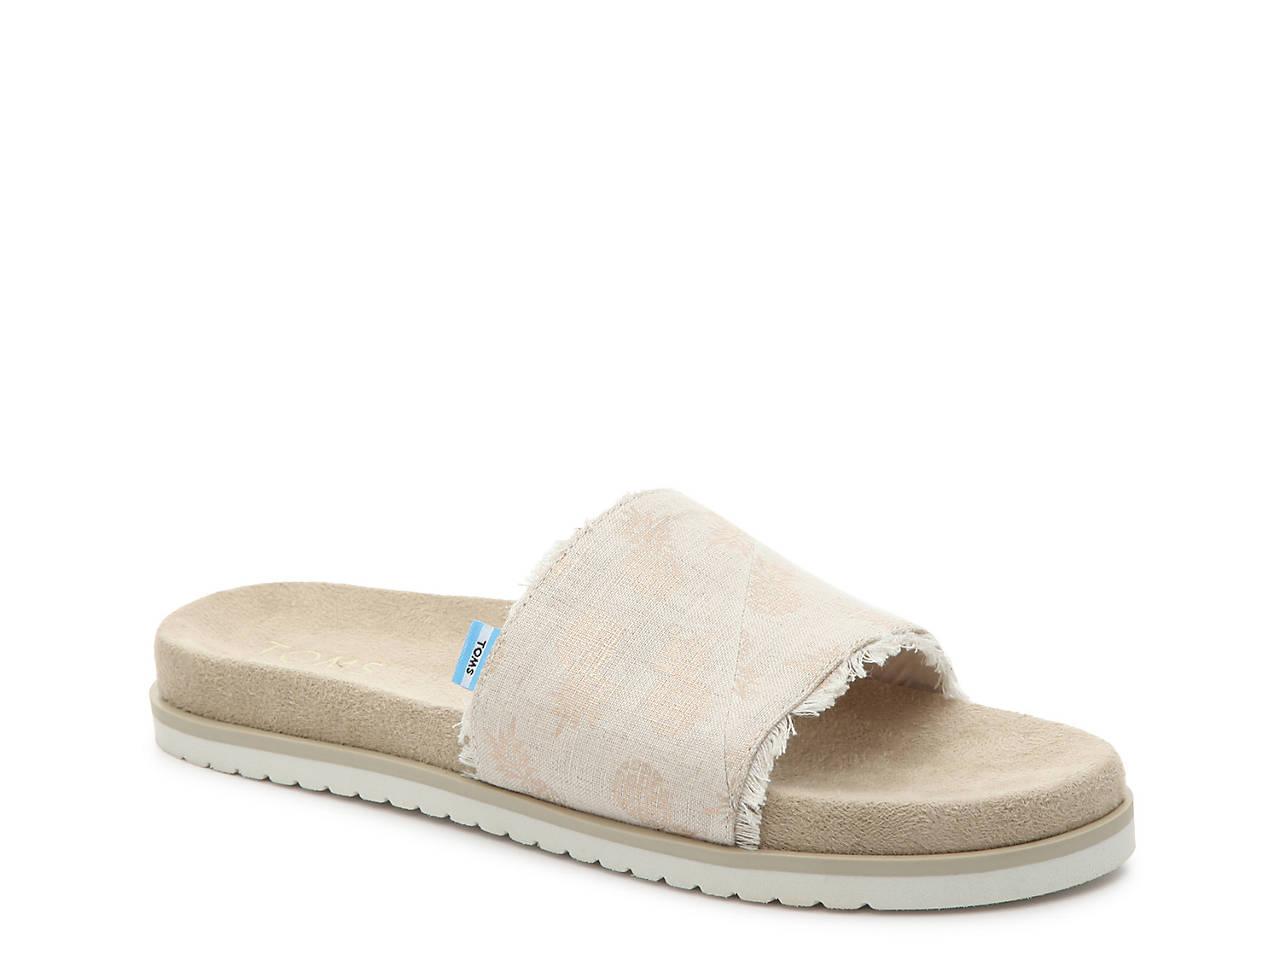 c2acb0dbf6ab74 TOMS Paradise Slide Sandal Women s Shoes